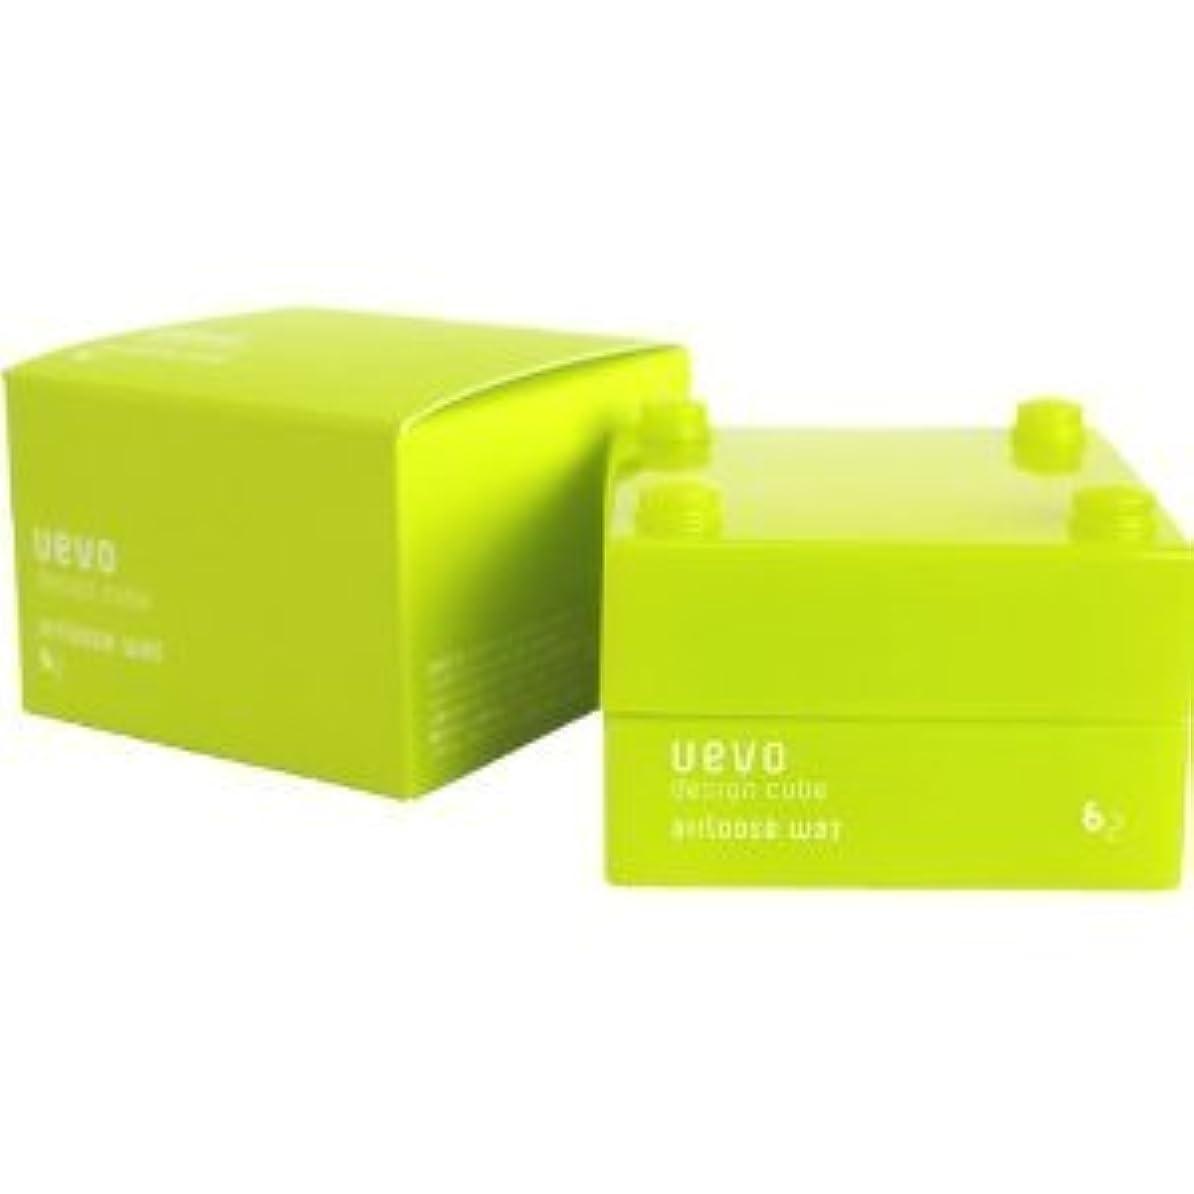 手綱ものテンション【X3個セット】 デミ ウェーボ デザインキューブ エアルーズワックス 30g airloose wax DEMI uevo design cube